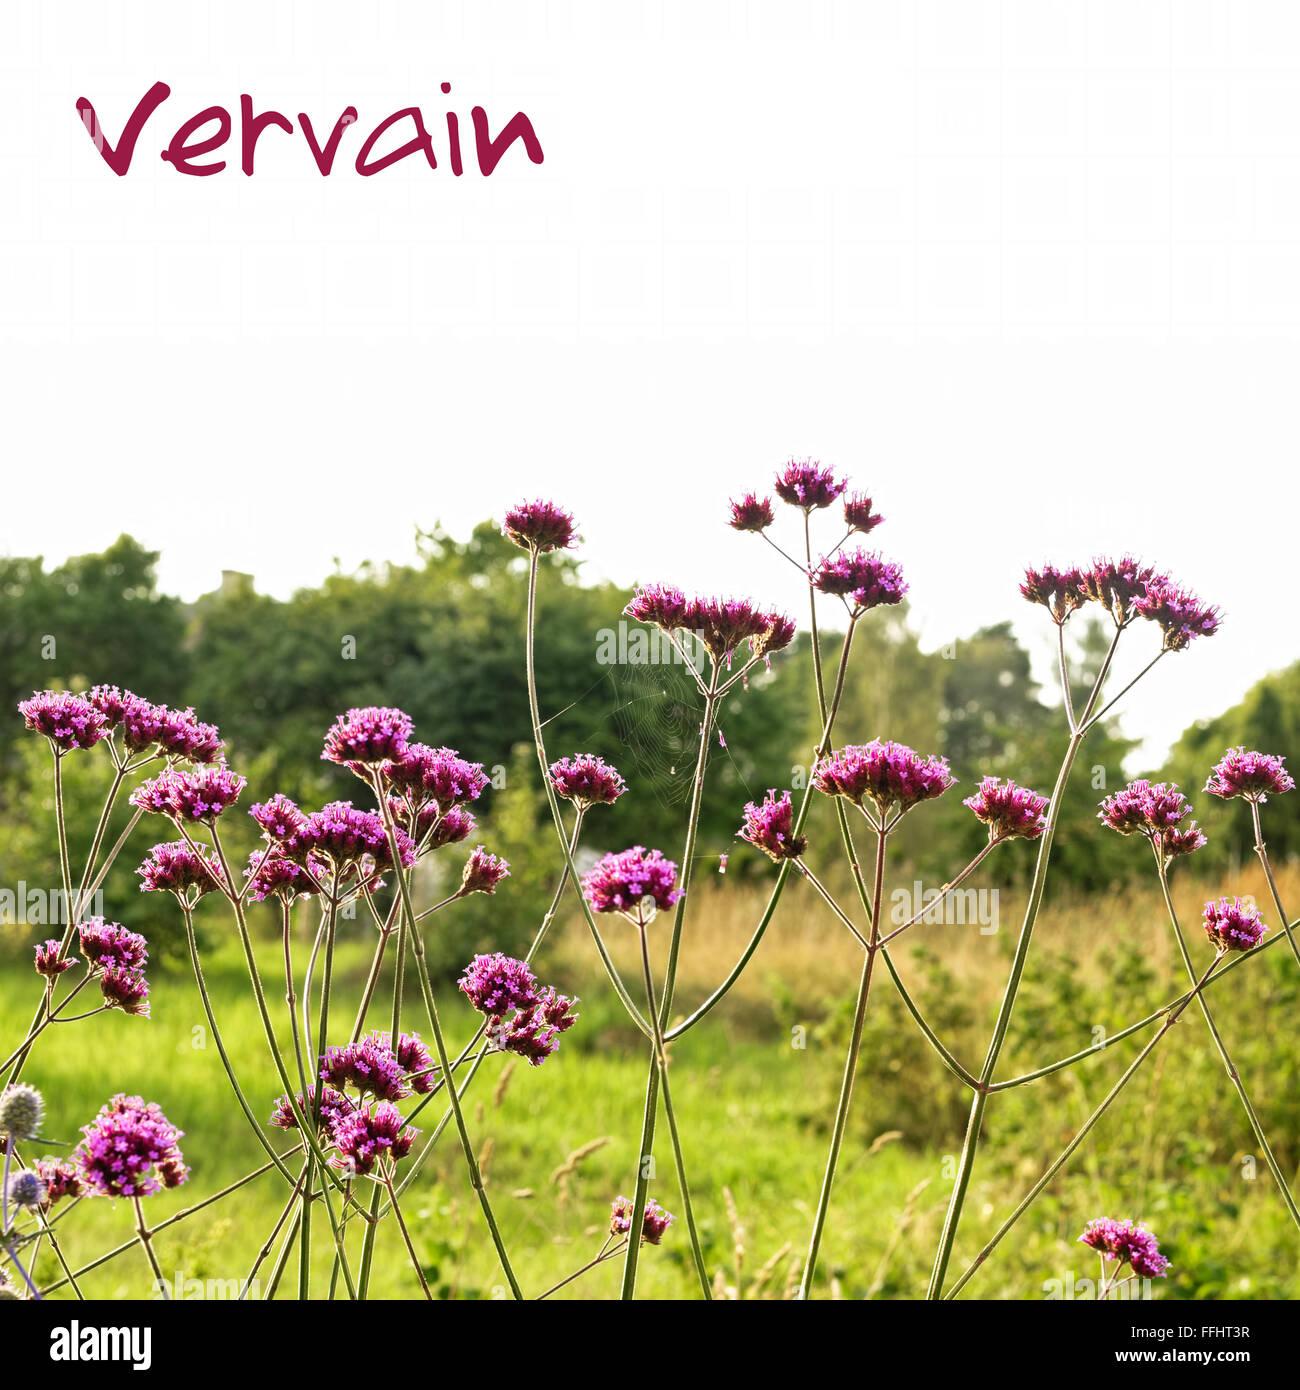 Verbena bonariensis (purpletop or clustertop vervain)  Can protect